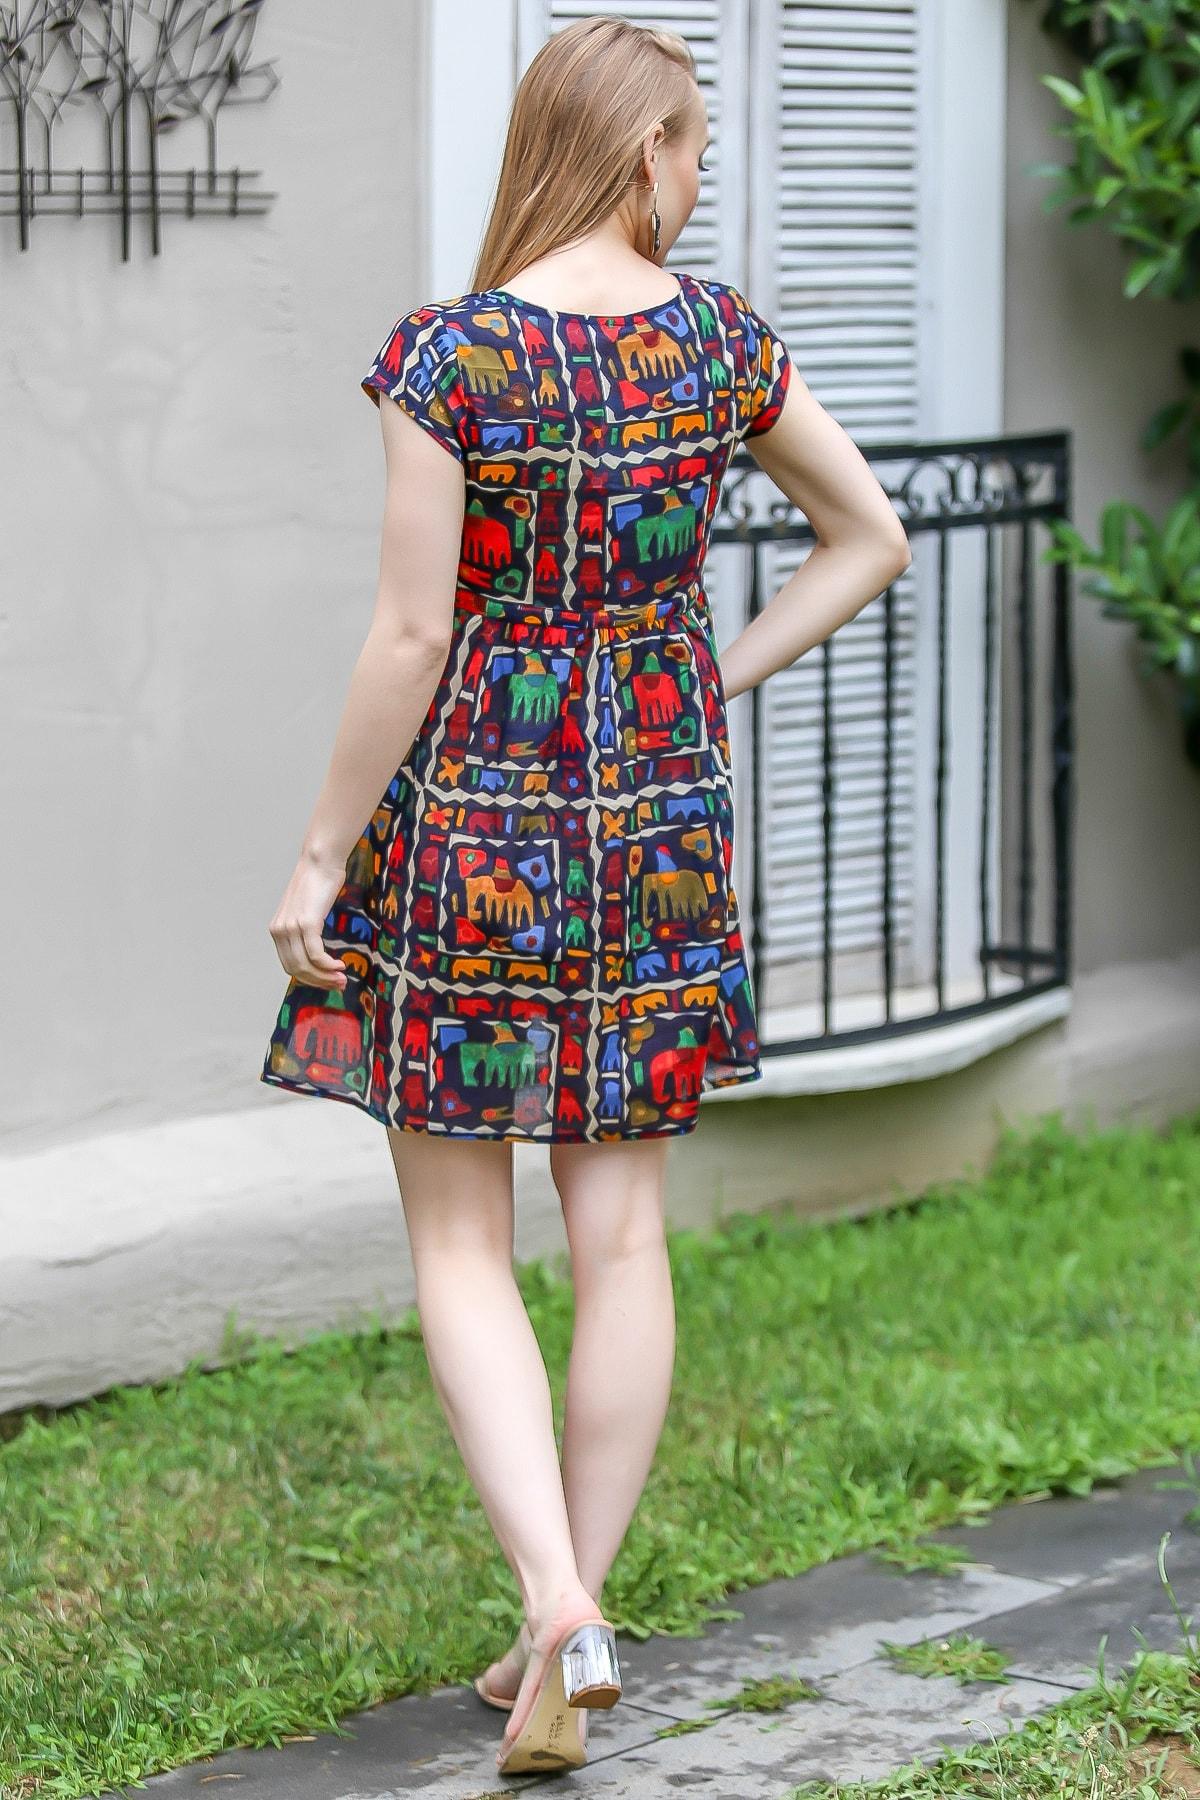 Chiccy Kadın Siyah Bohem Fil Baskılı Robadan Büzgülü Tunik Elbise M10160000EL96690 3